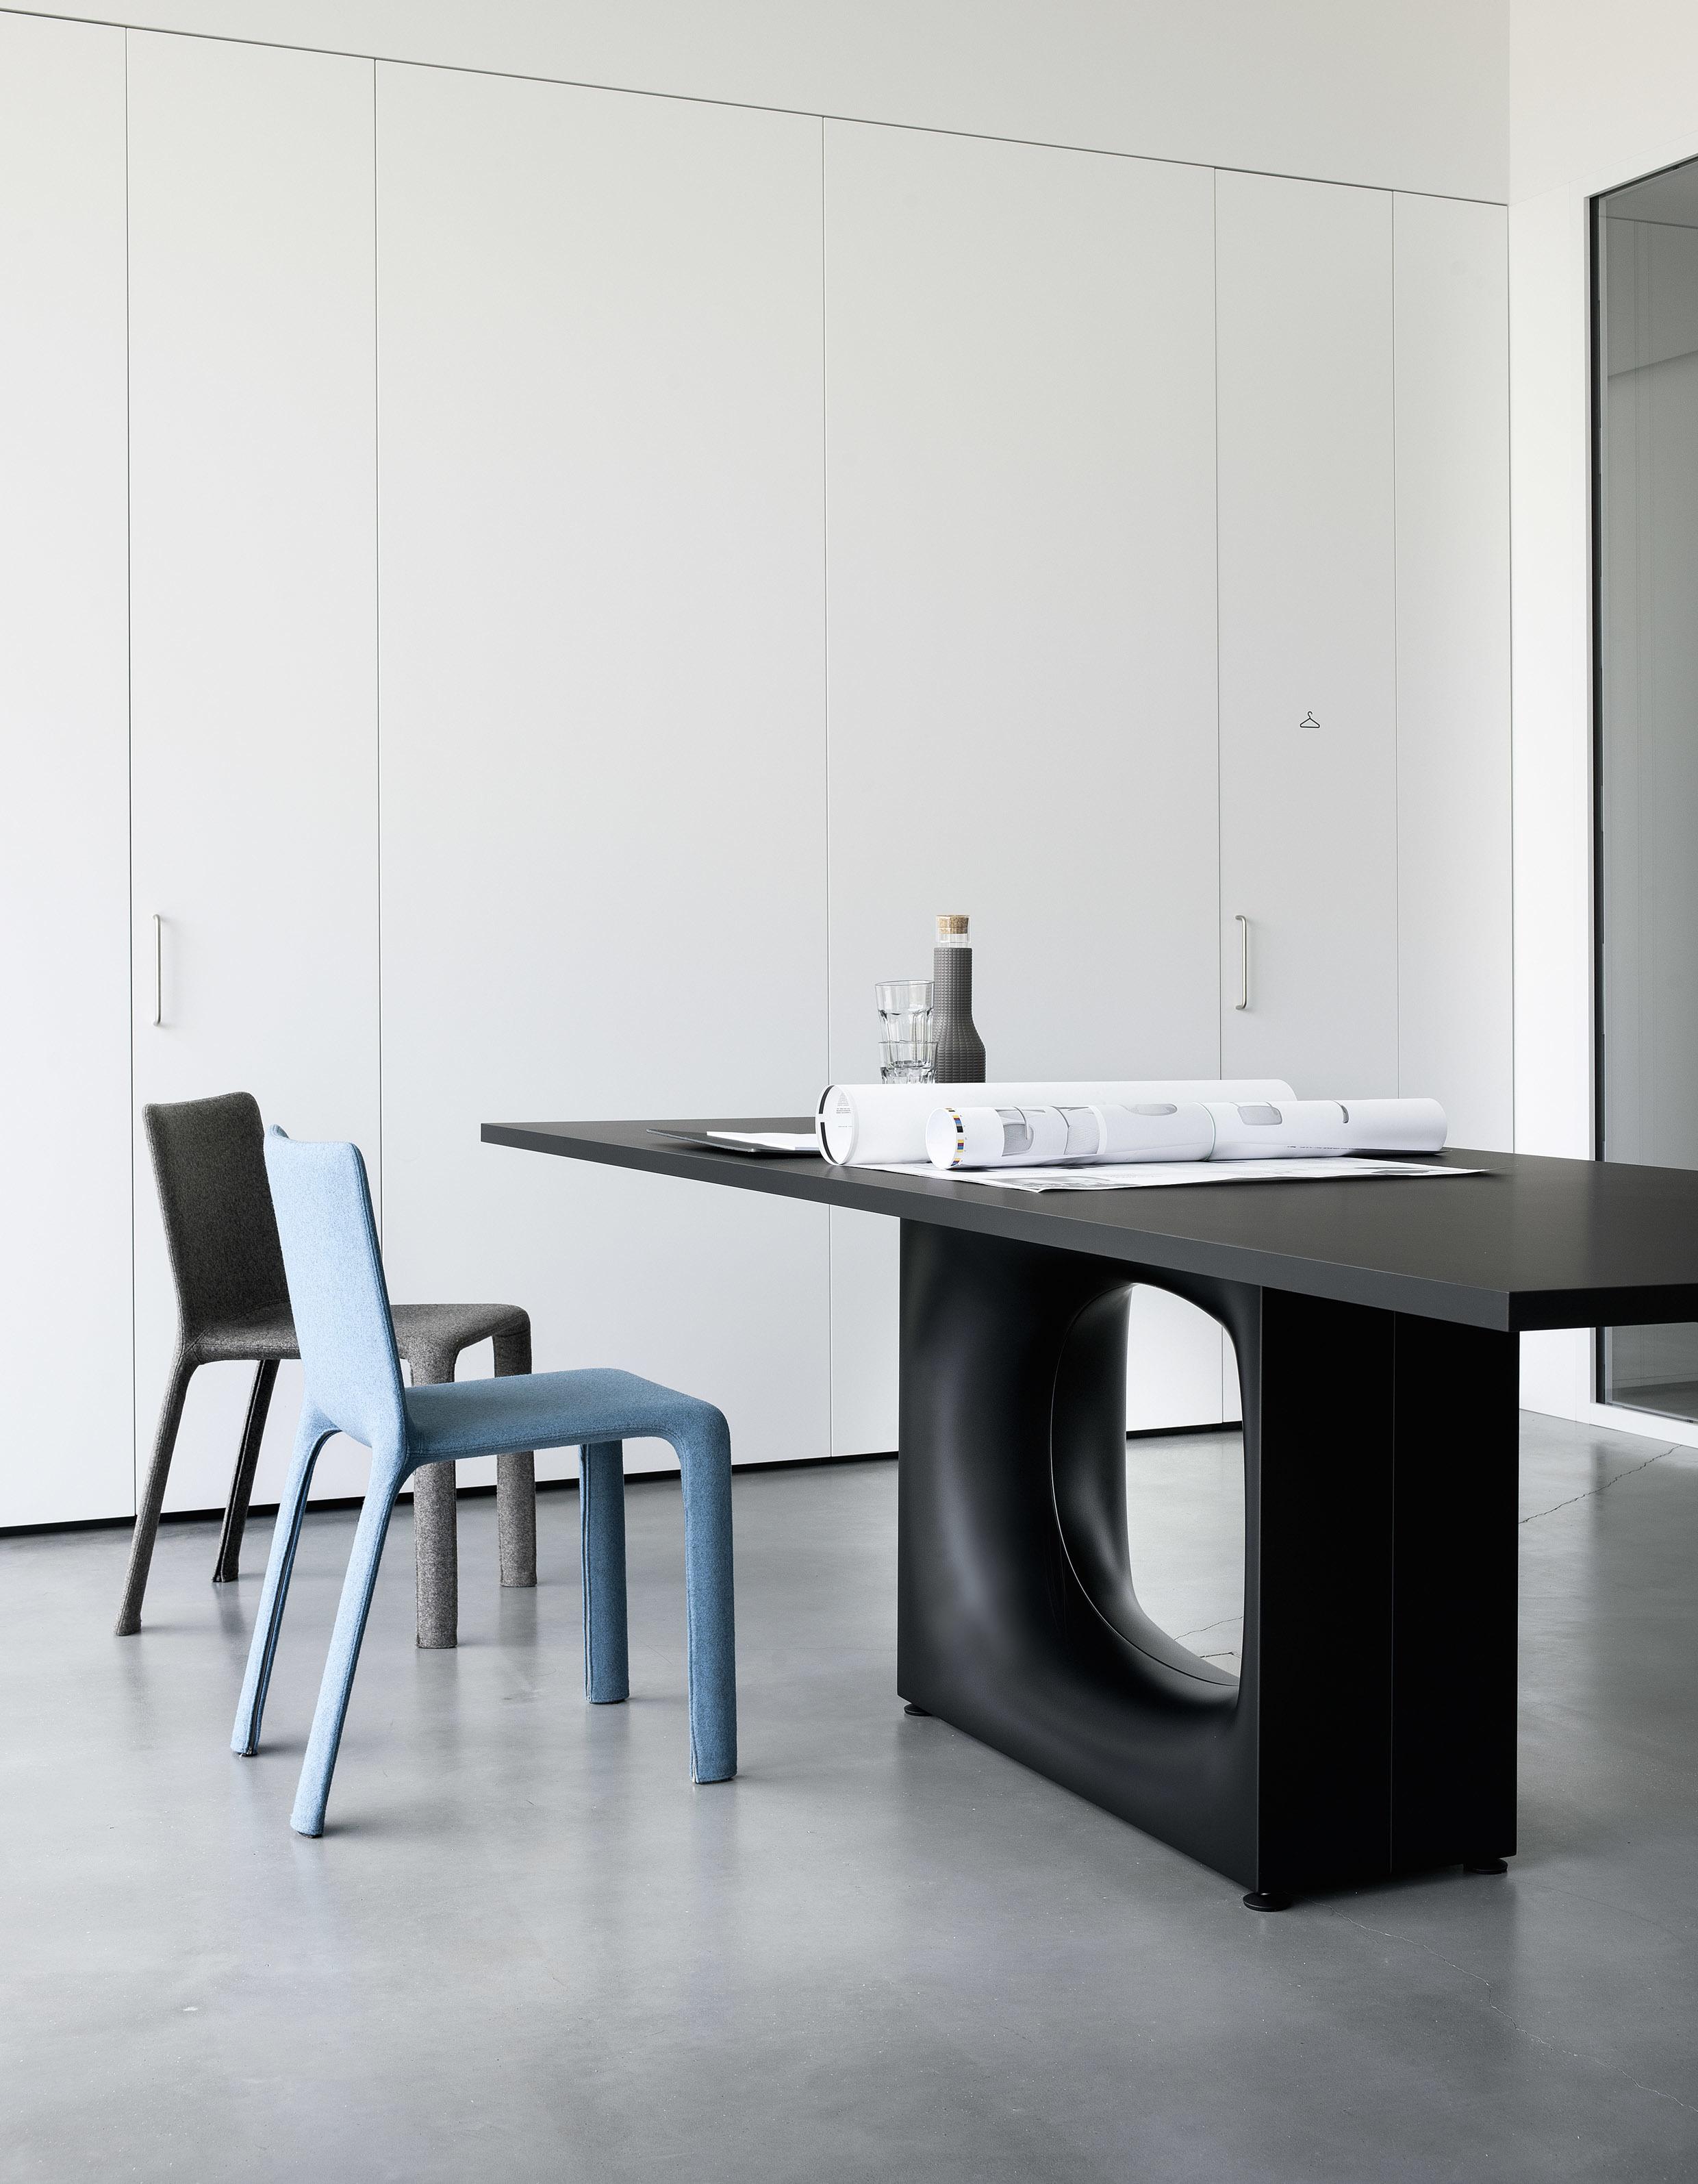 holo tisch von kristalia stylepark. Black Bedroom Furniture Sets. Home Design Ideas